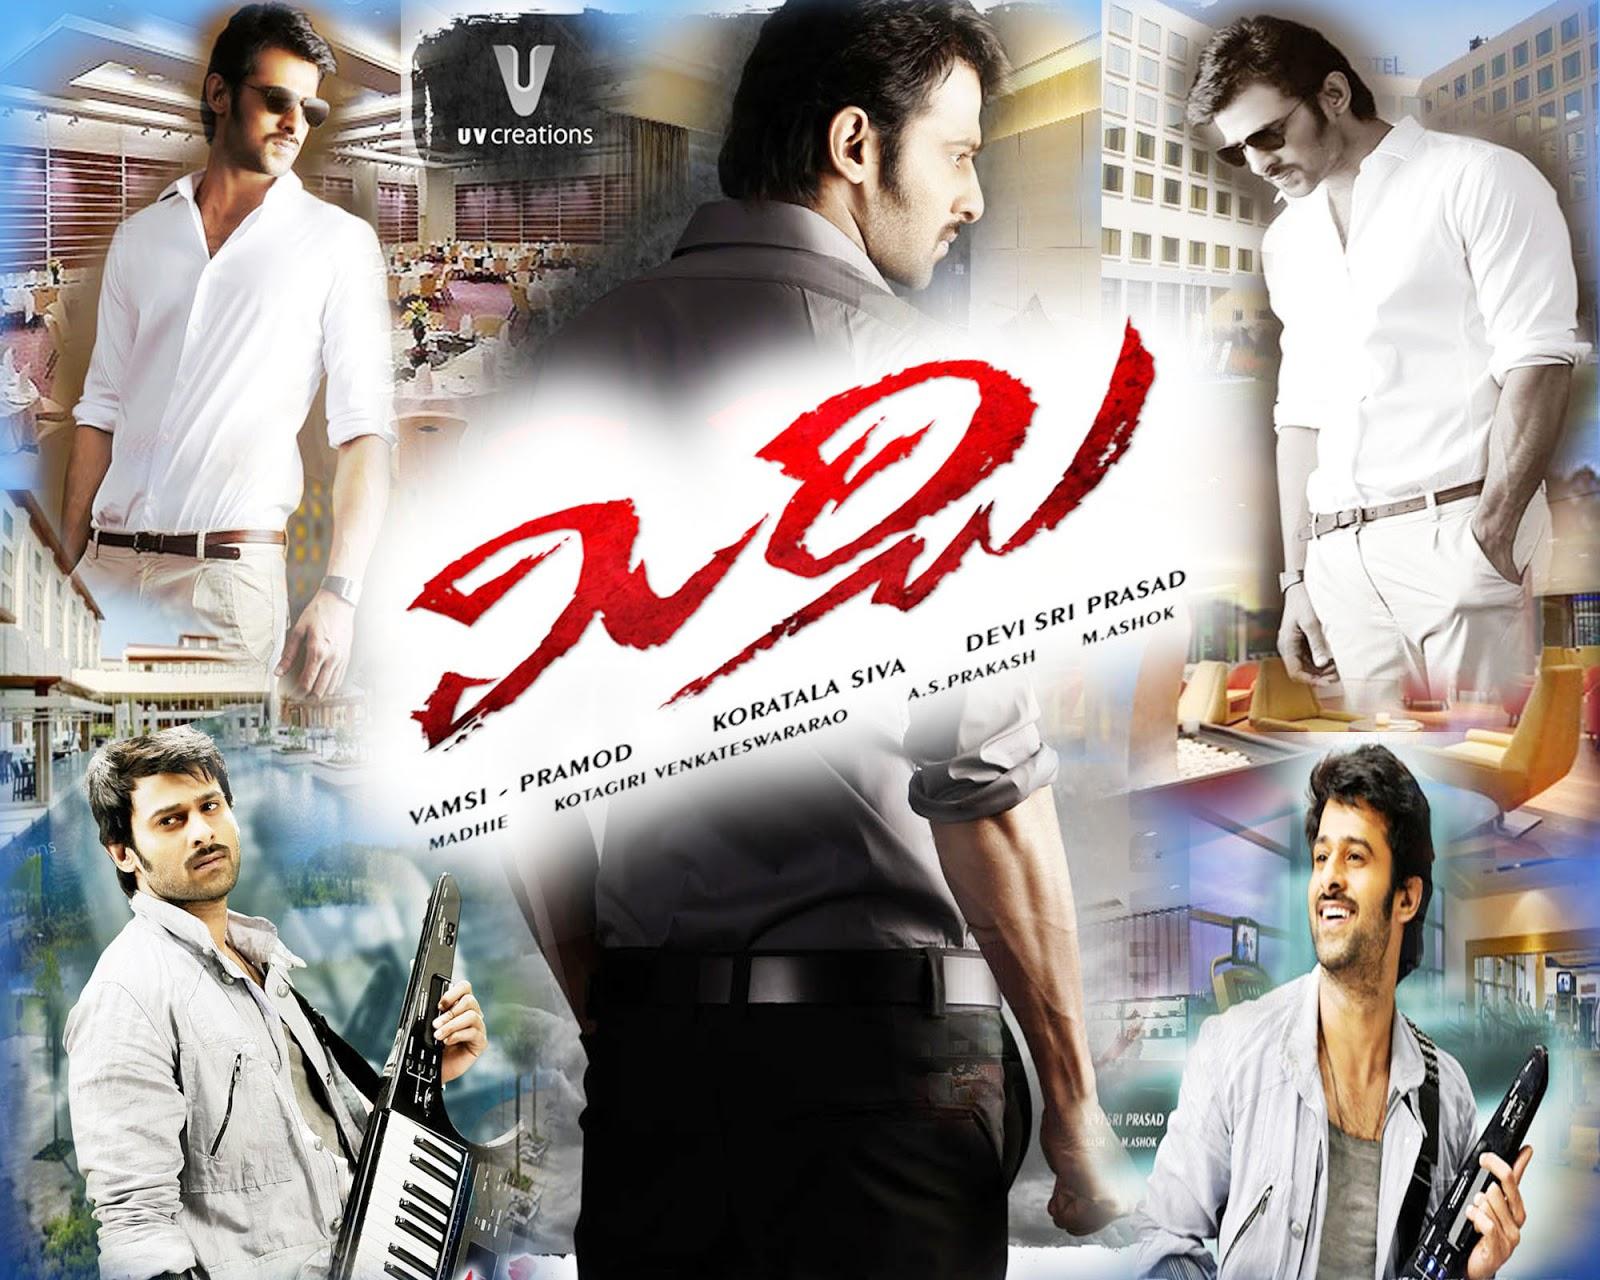 Prabhas Mirchi Telugu Movie 2013 Wallpapers Hd: Prabhas In Mirchi Movie Wallpapers Free Hd Wallpaper